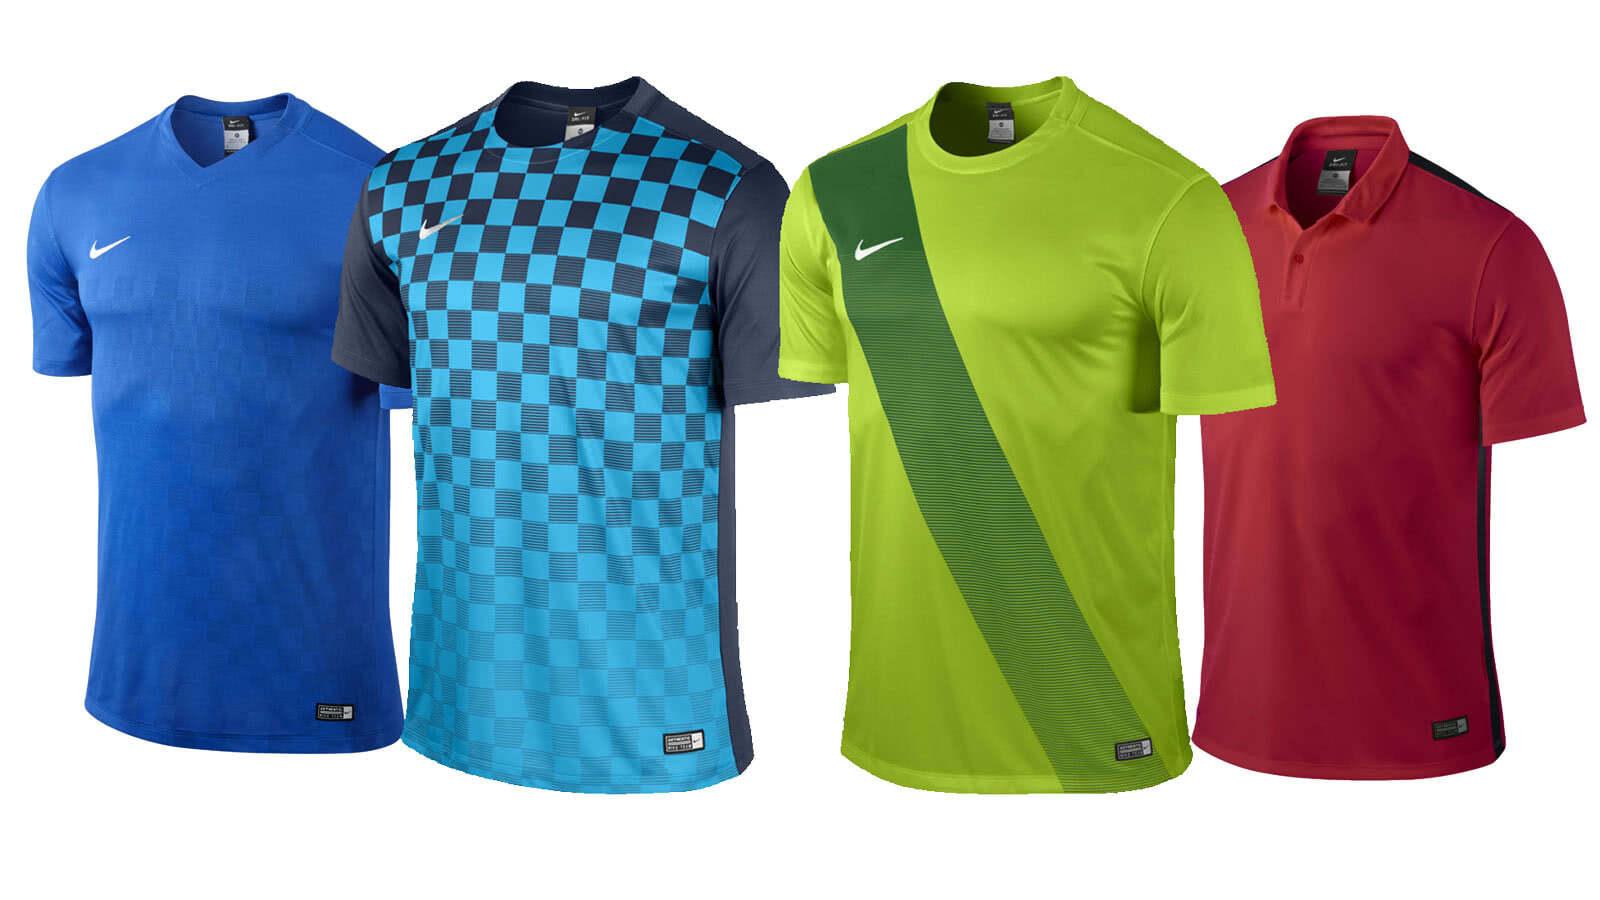 Nike Trikots 2015/2016